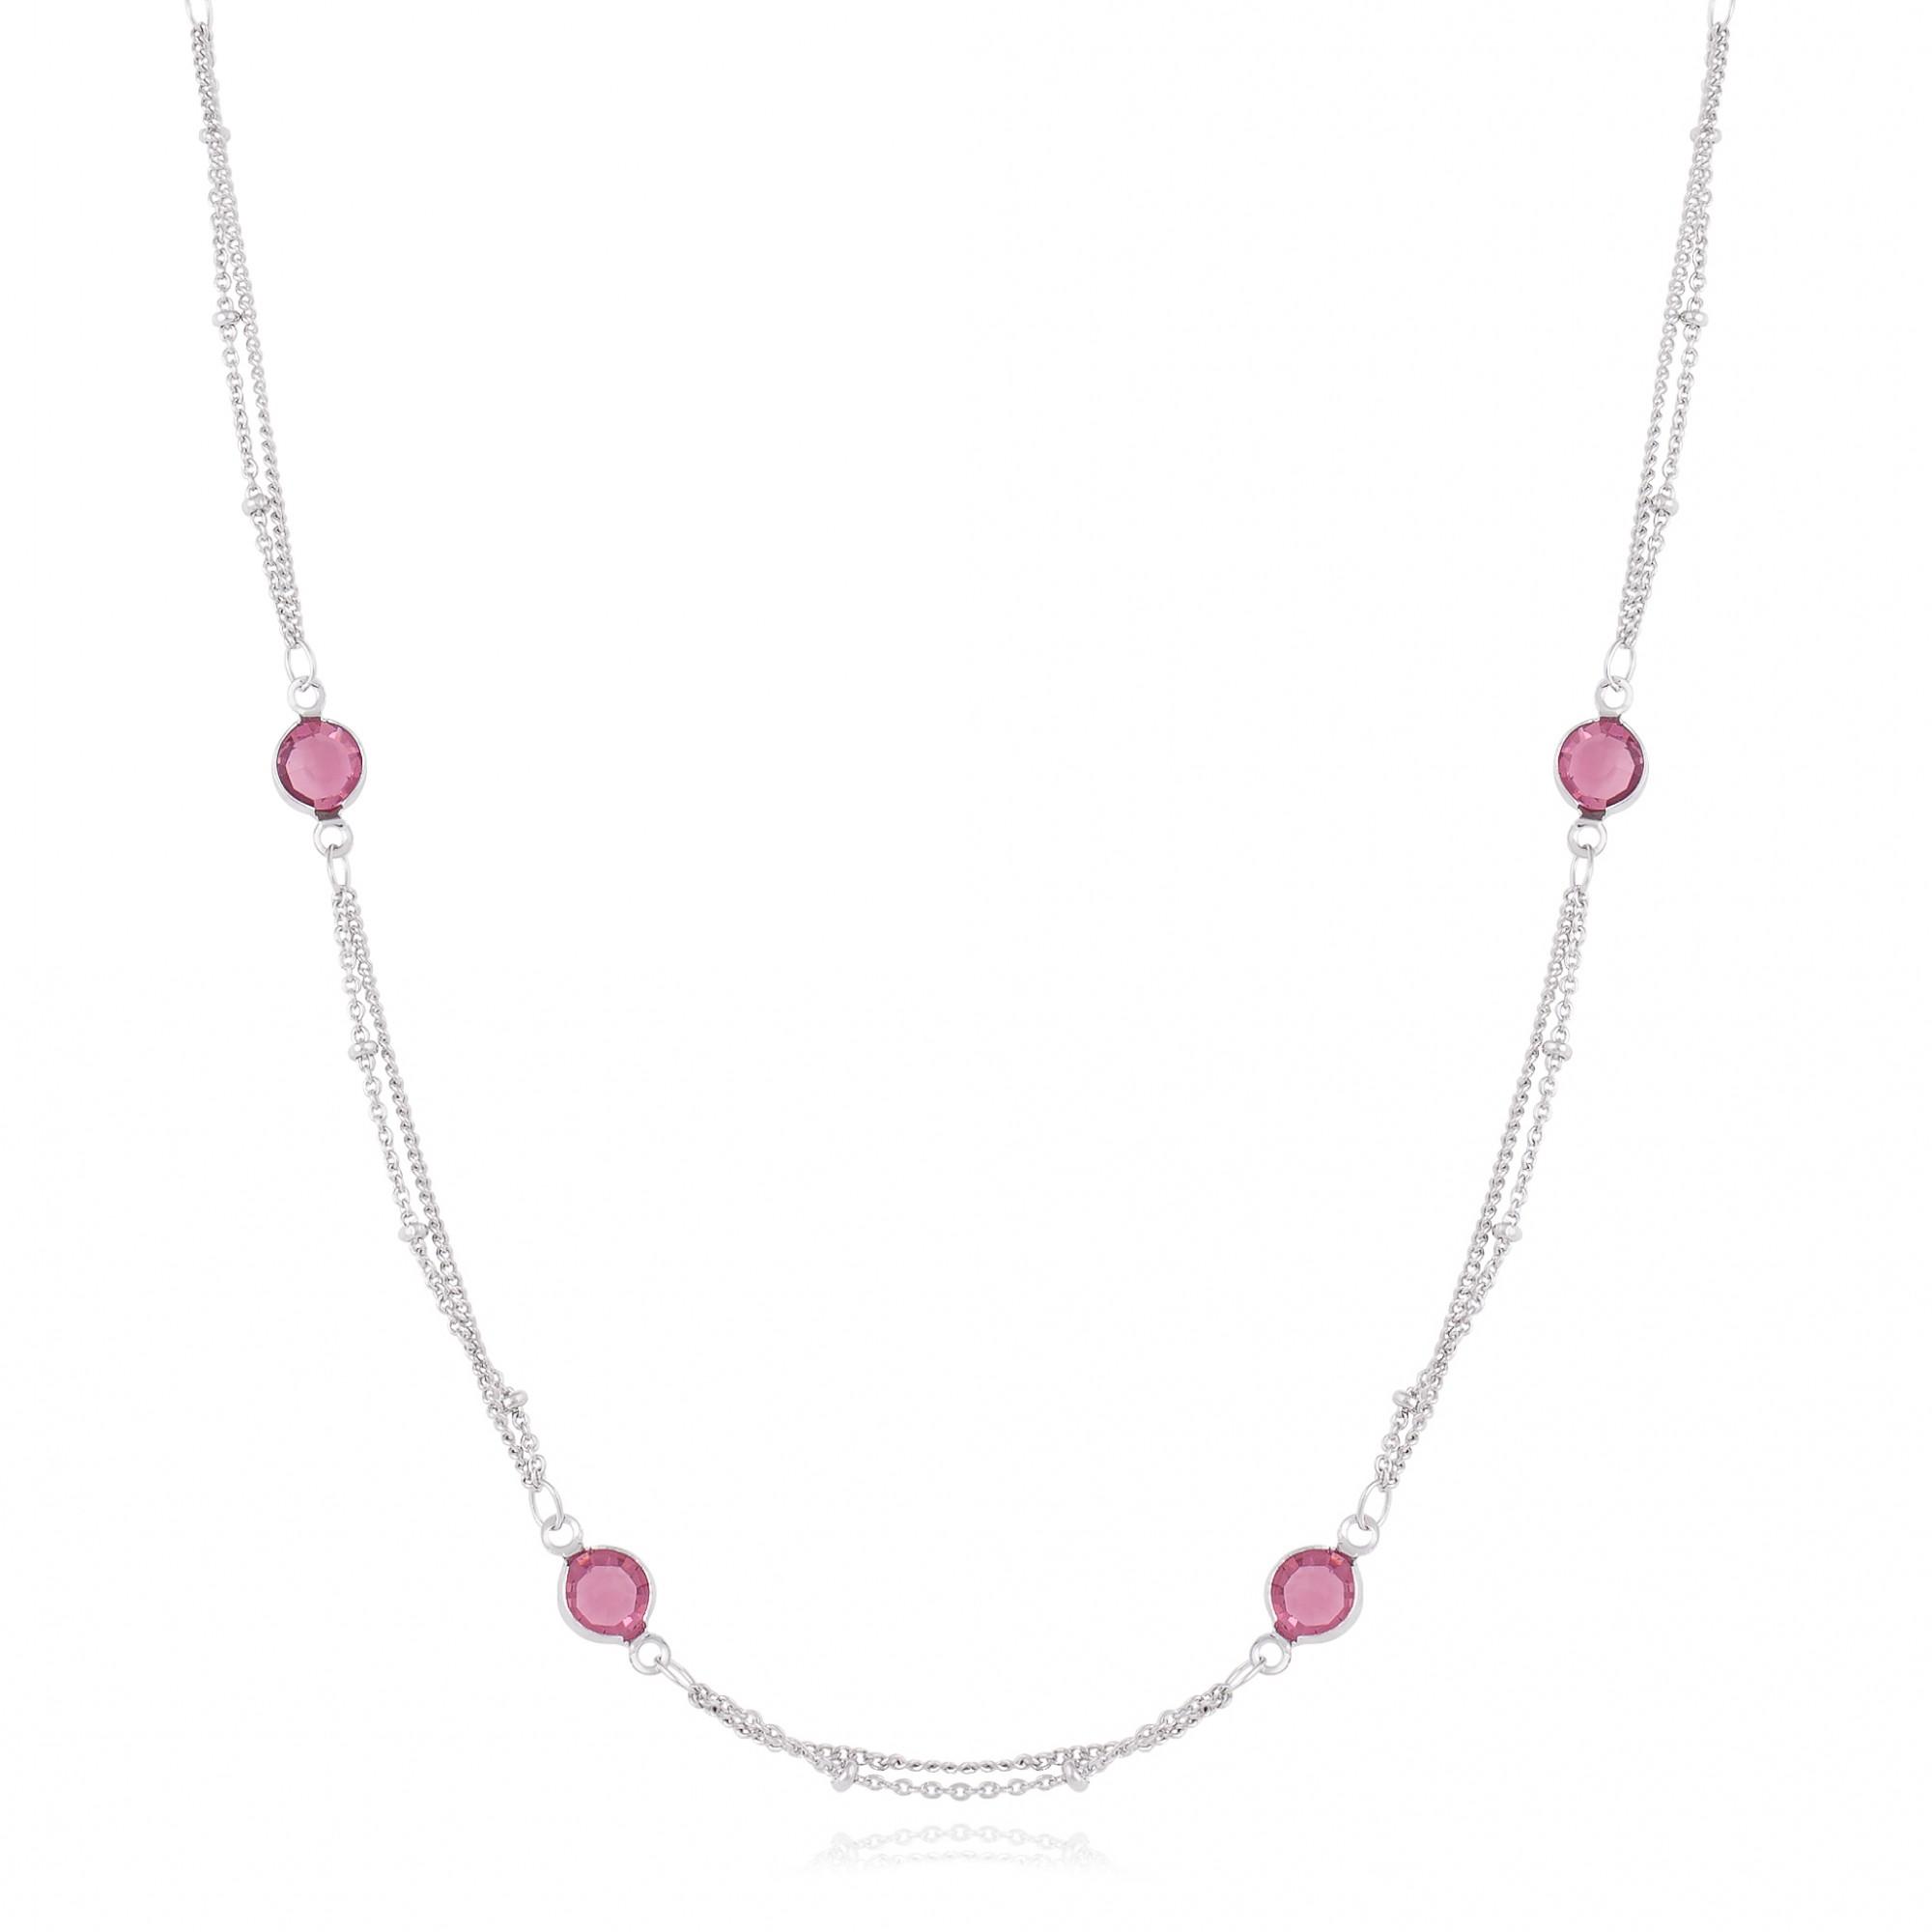 Colar com cristais roxos banho de ródio branco.  - romabrazil.com.br